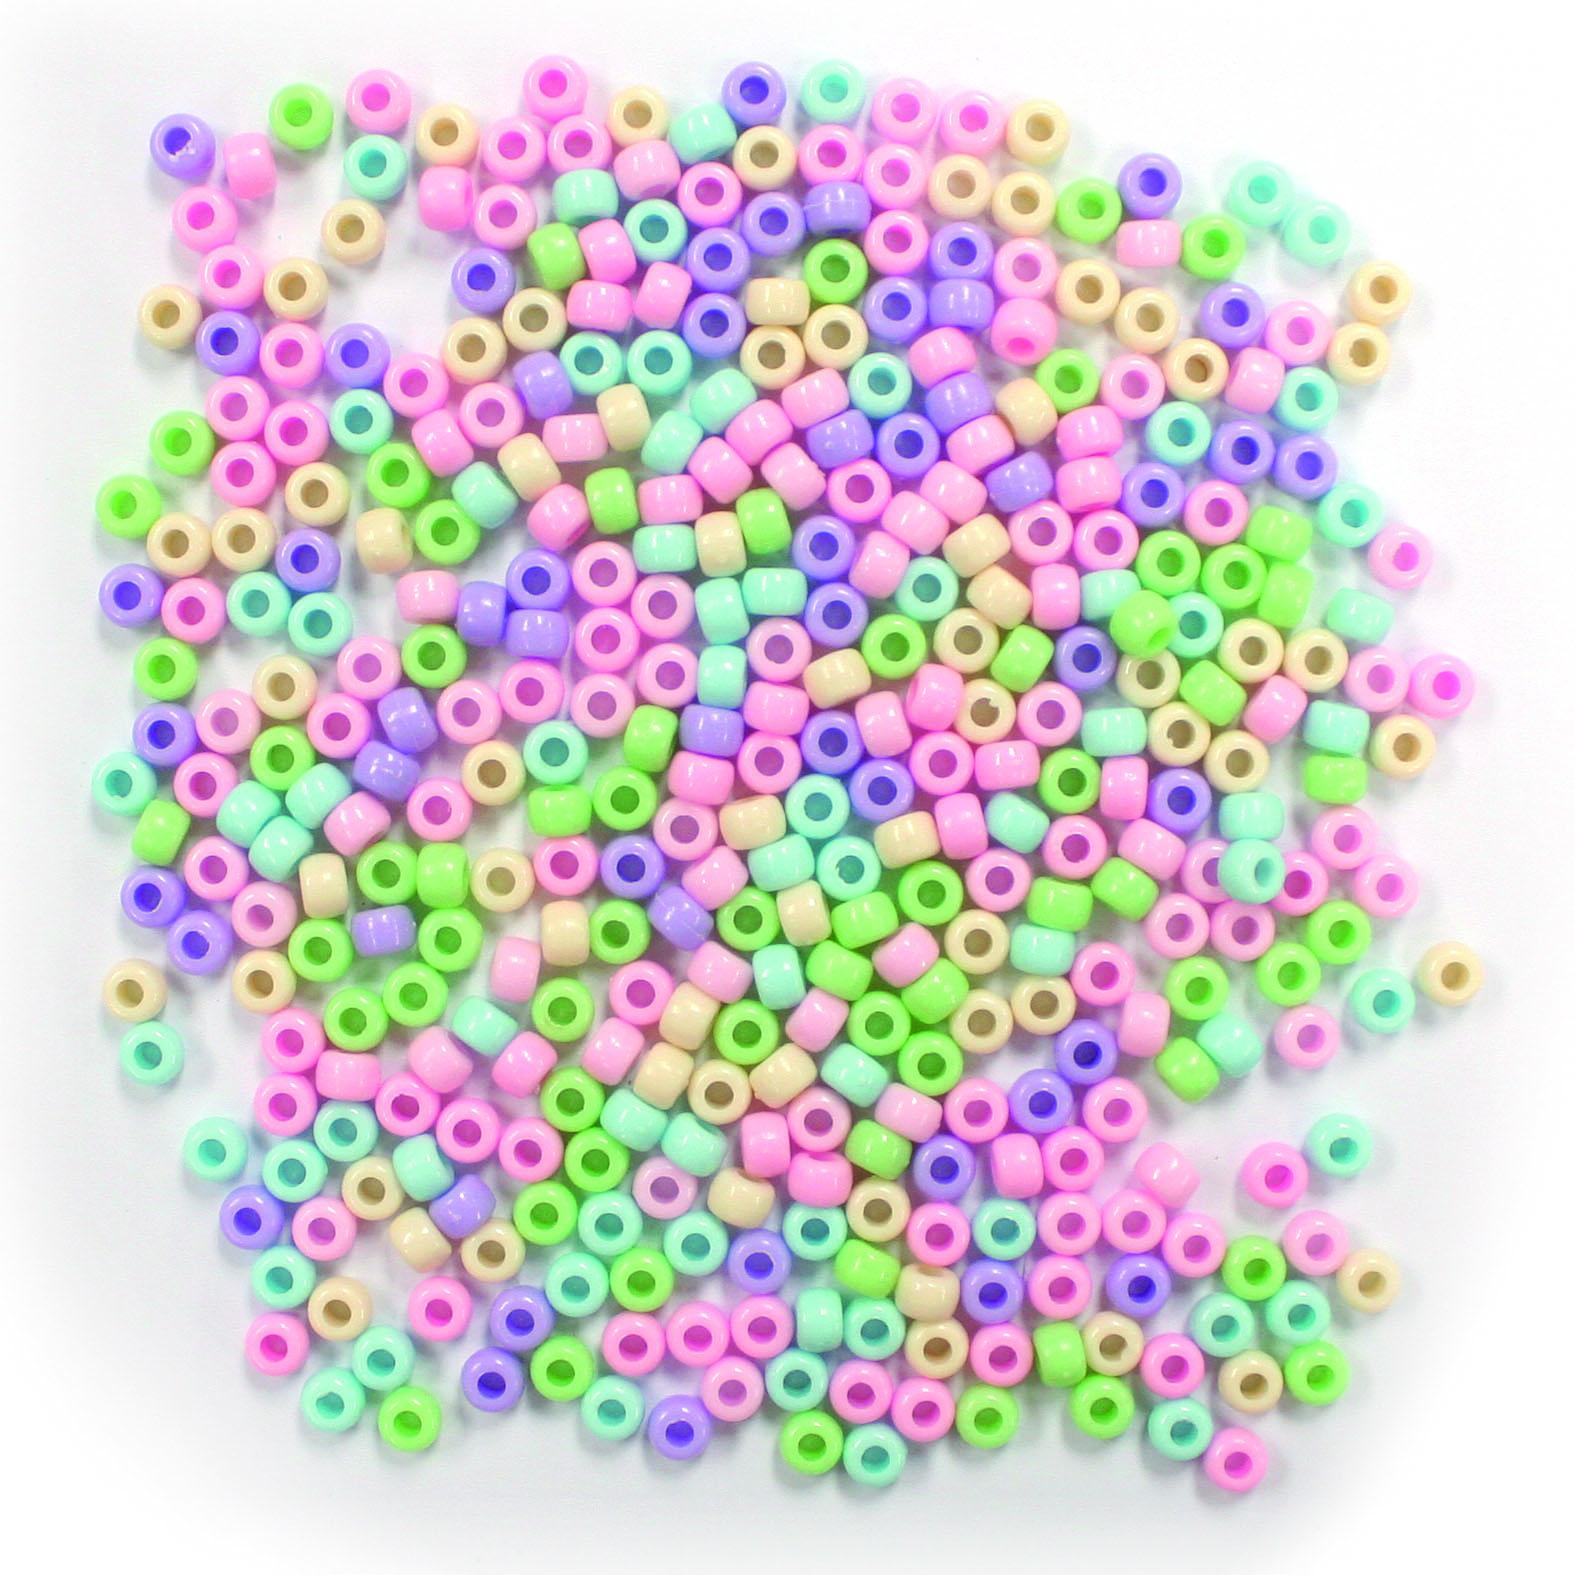 Yiwu huaxuan Оптовая поставка цветных пластиковых бусин пони 6 мм * 9 мм в наличии